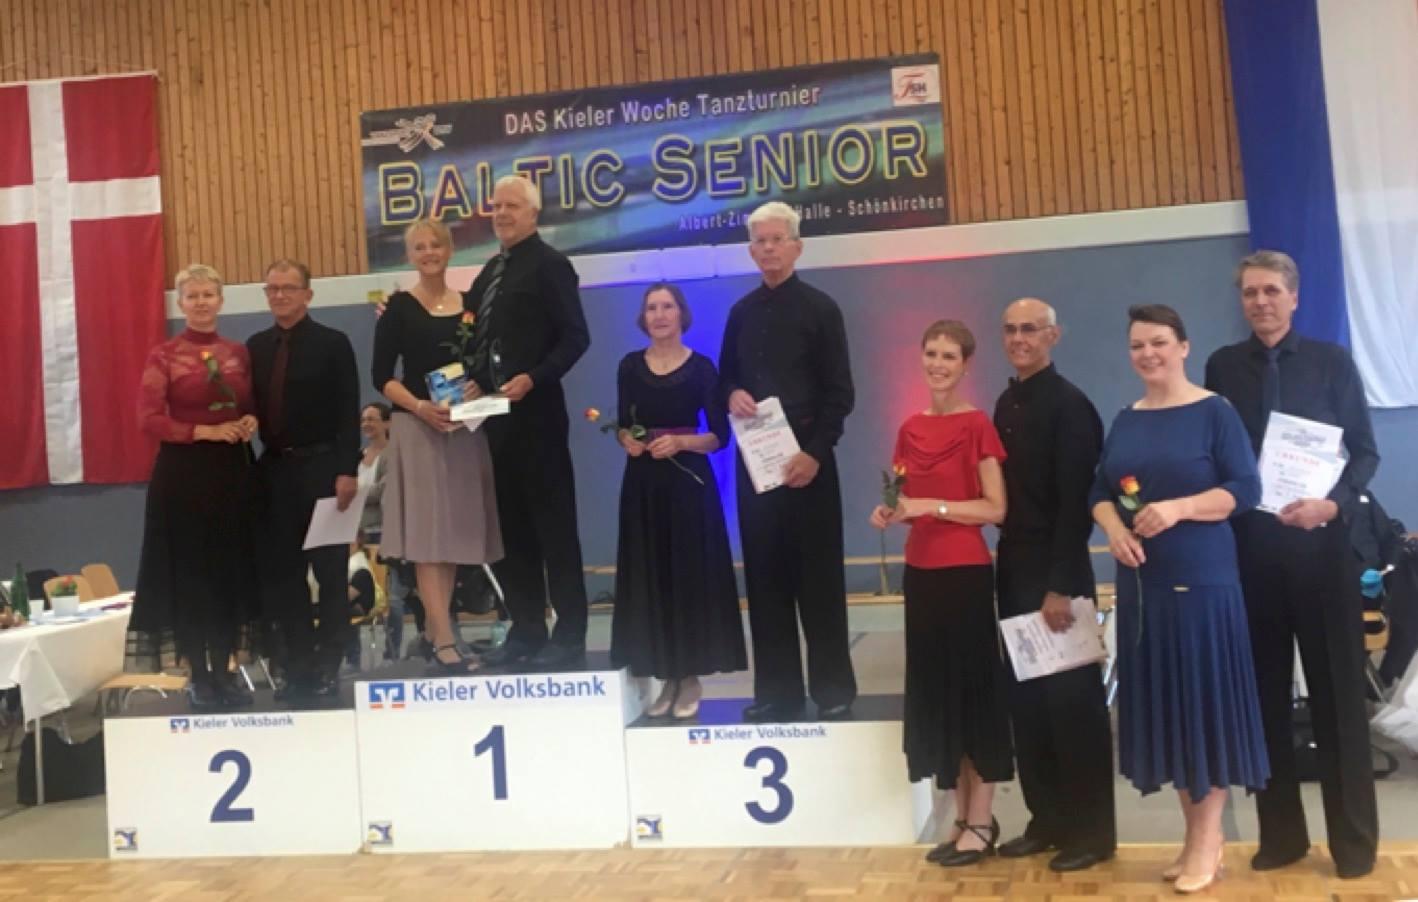 Rönnauer Paar gewinnt Baltic Senior Tanzwettbewerb